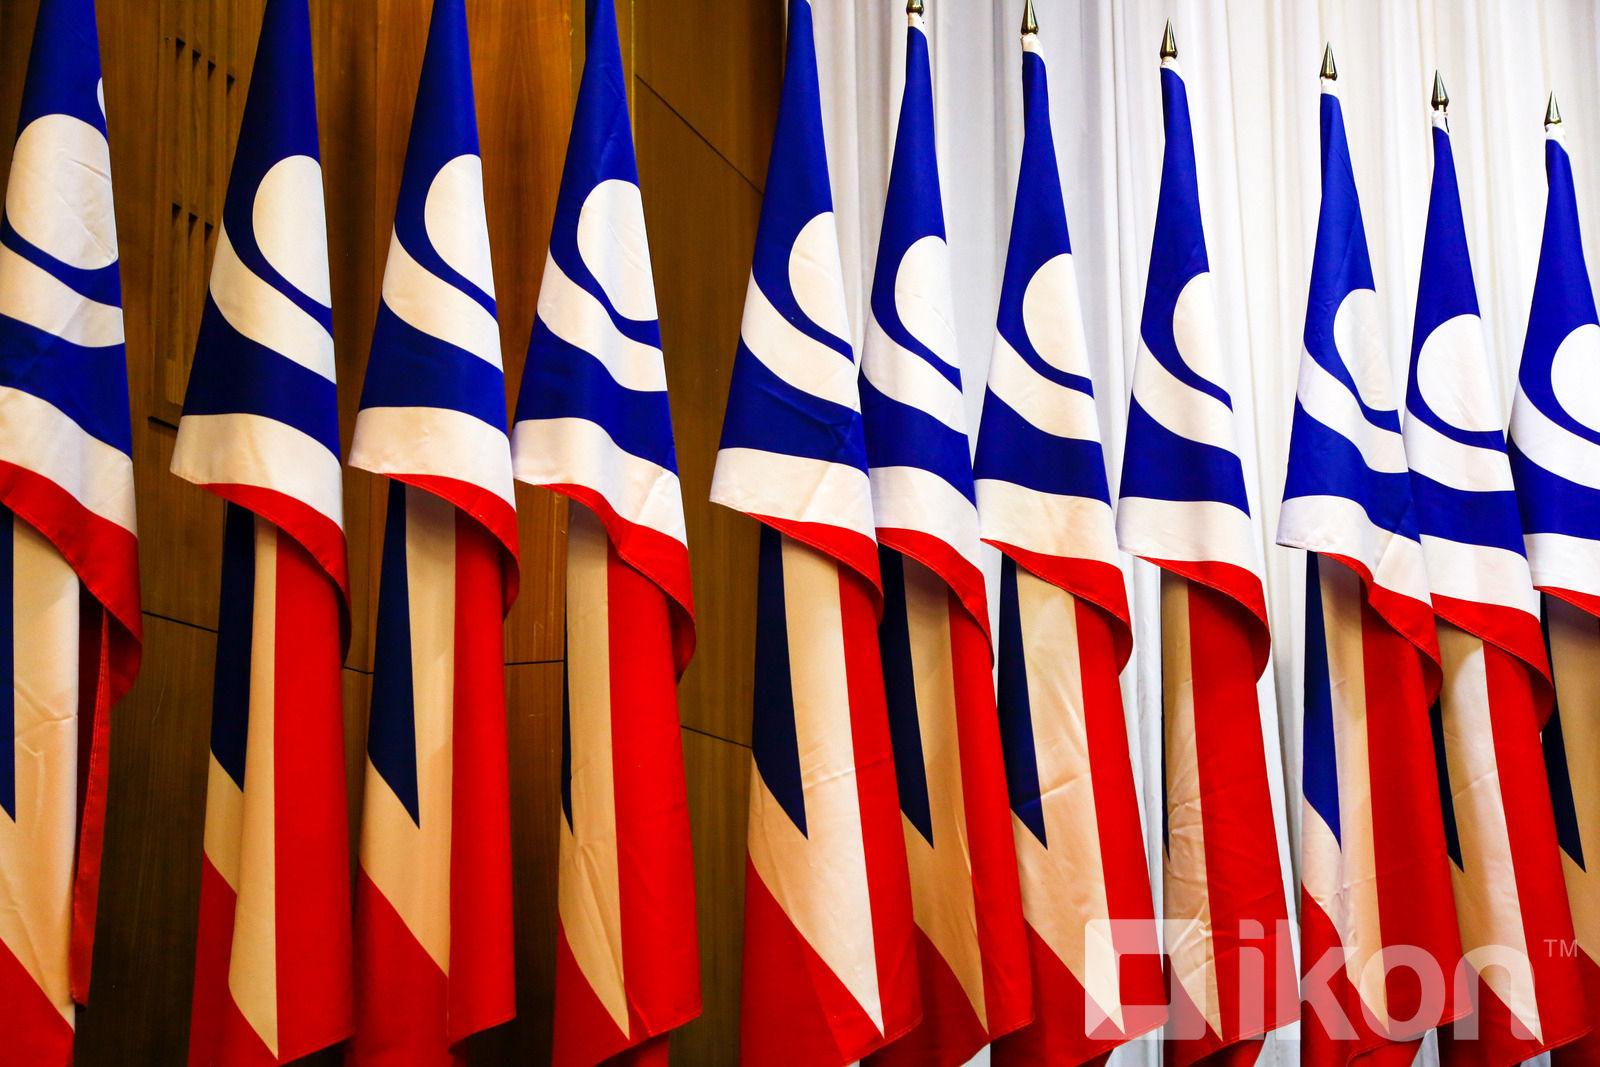 L.Khadbaatar, 우리 중진들은 전 민주당 대표가 당을 분열시켰다고 비난하여.jpg